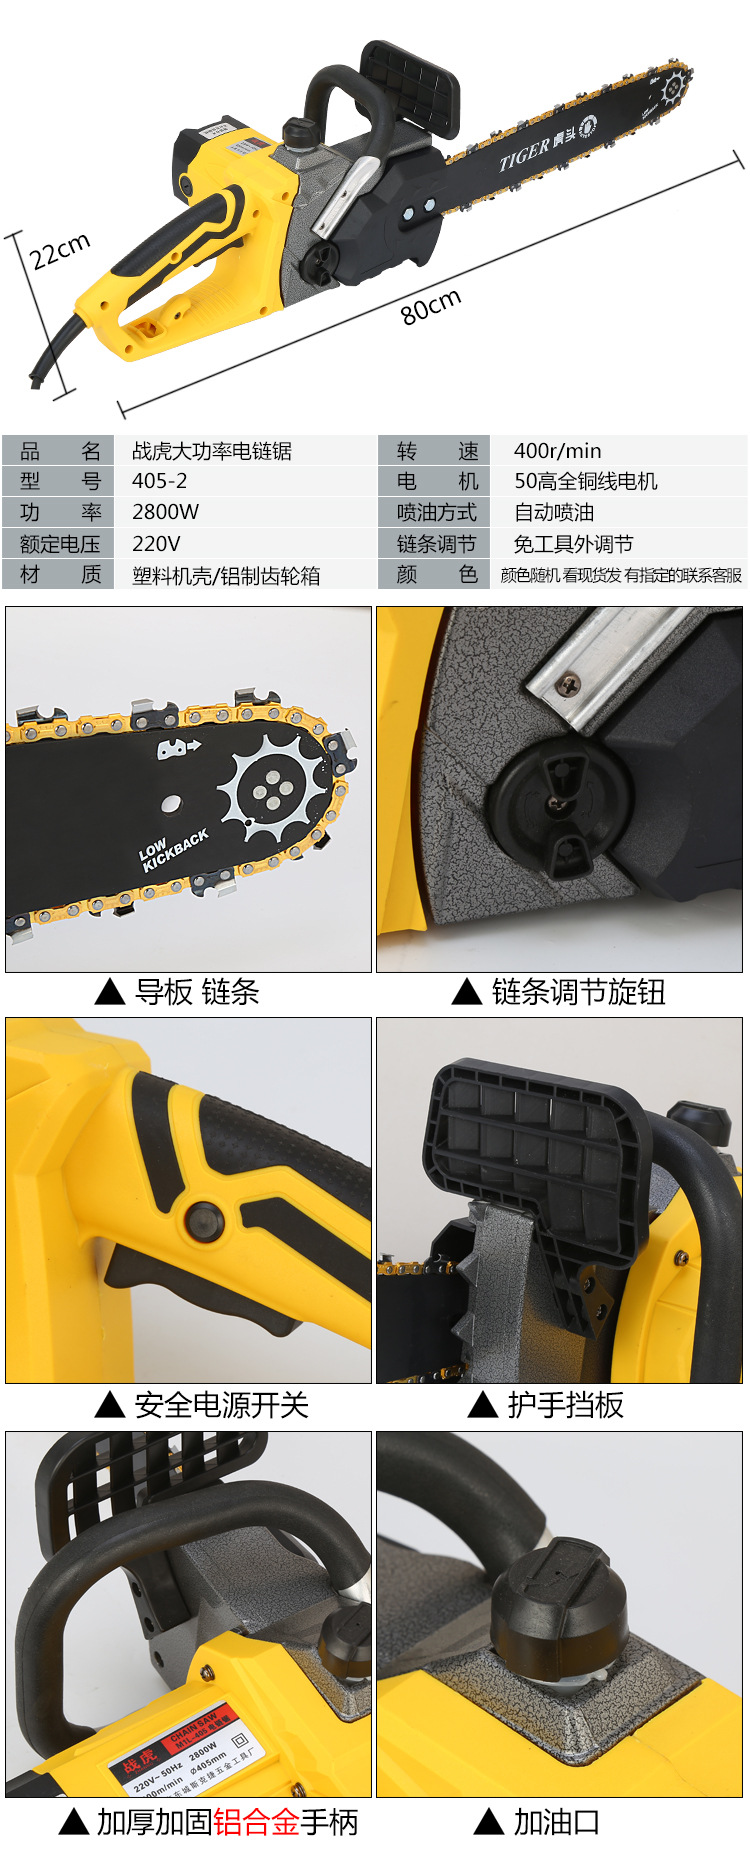 Trận Hổ cưa máy gia dụng lớn cung cấp nhiều chức năng tự động máy cưa xích cắm mộc cưa máy cưa điện